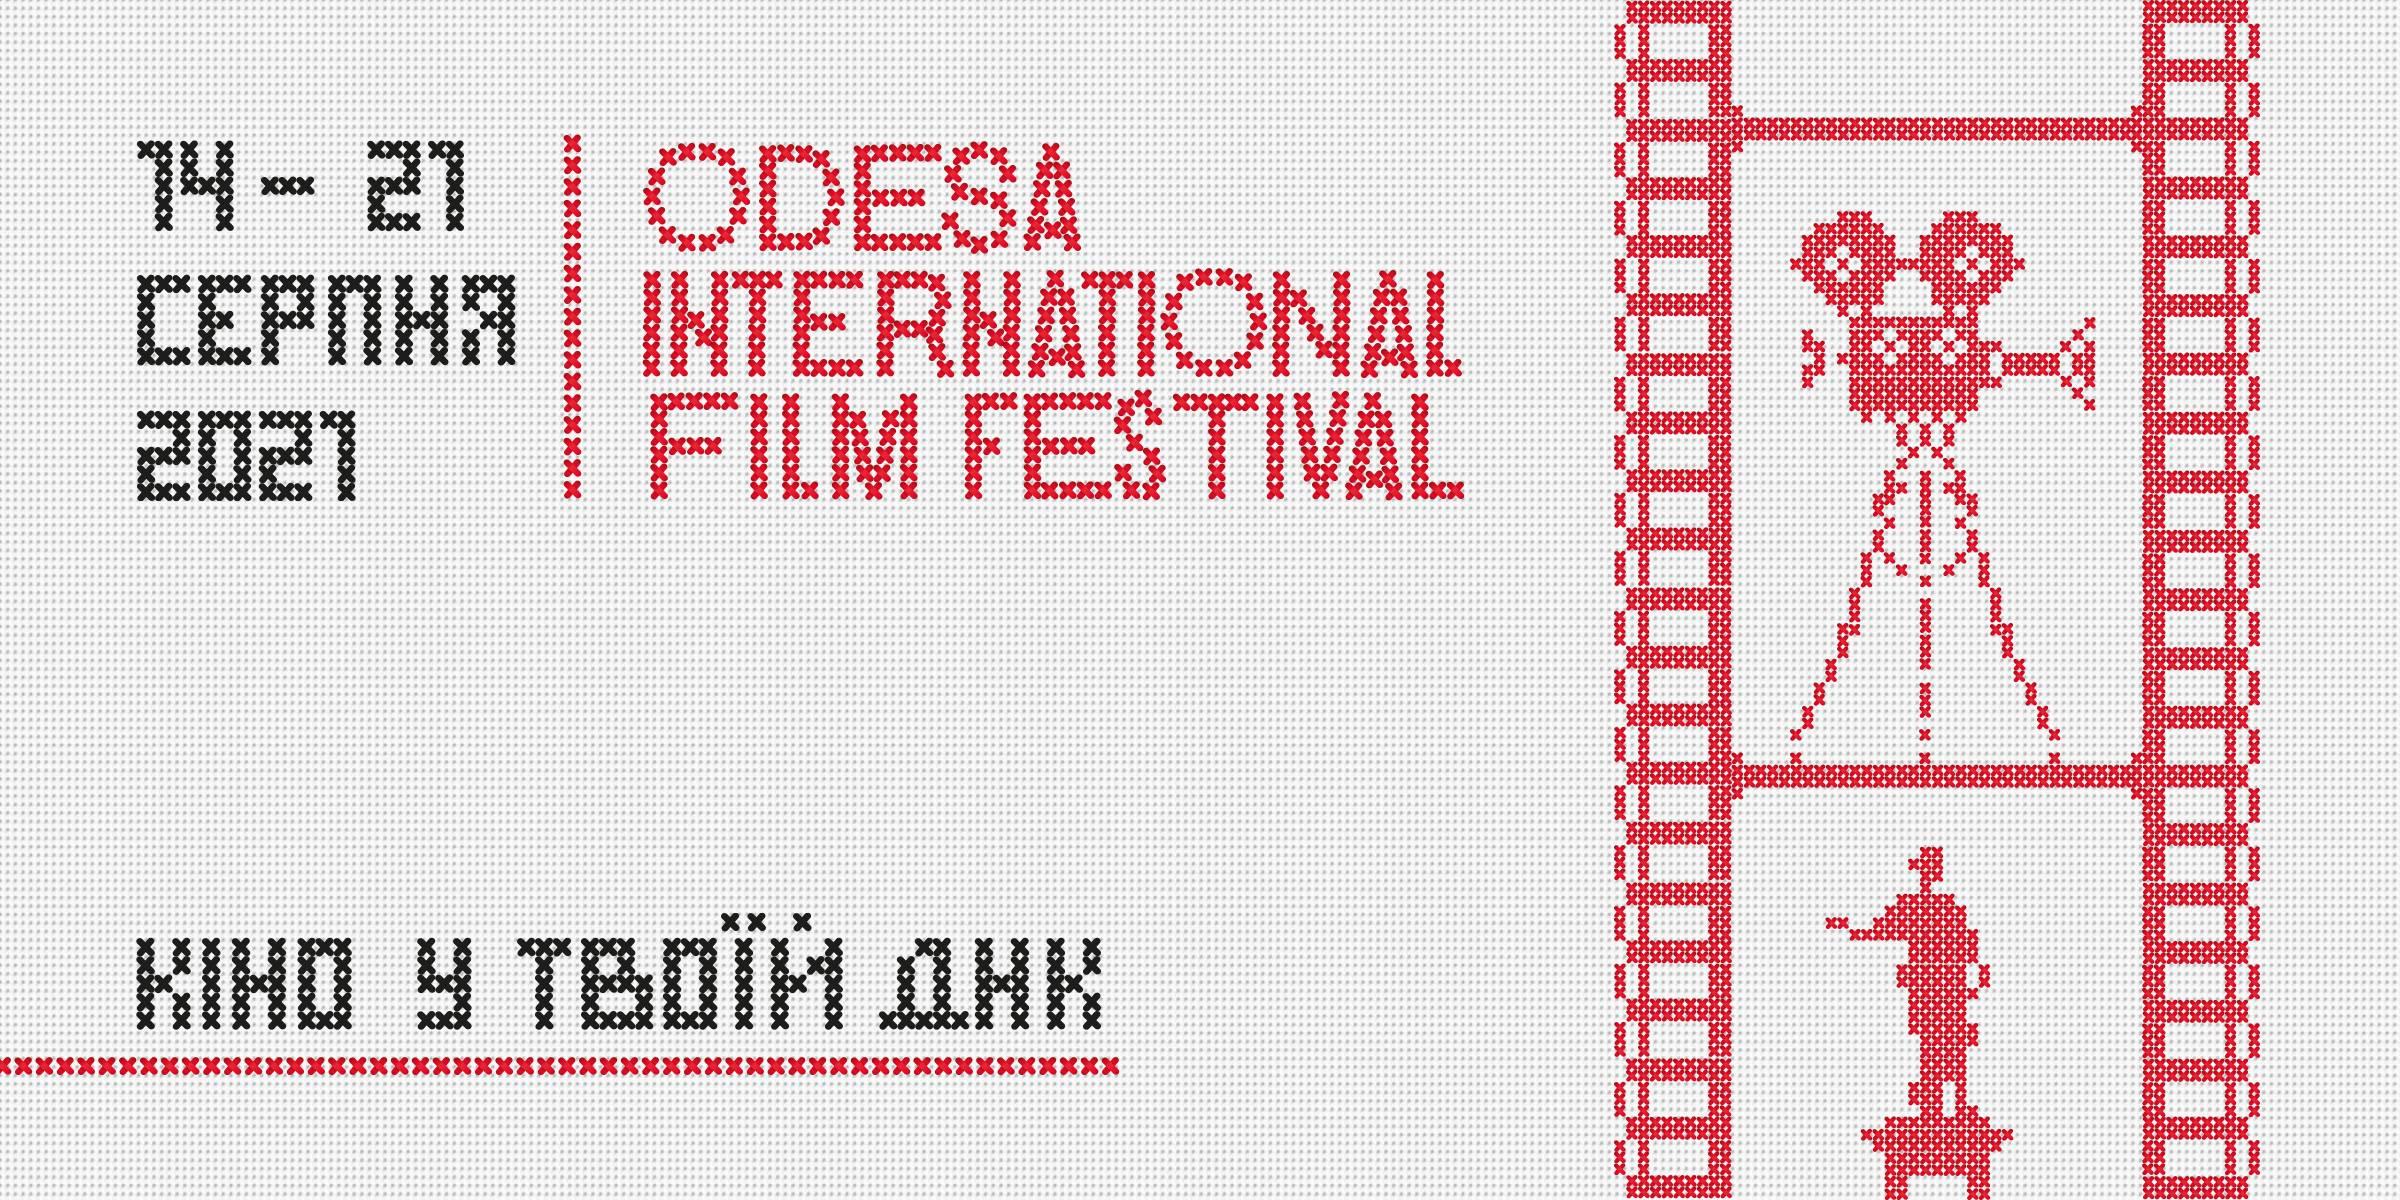 12-й Одеський міжнародний кінофестиваль